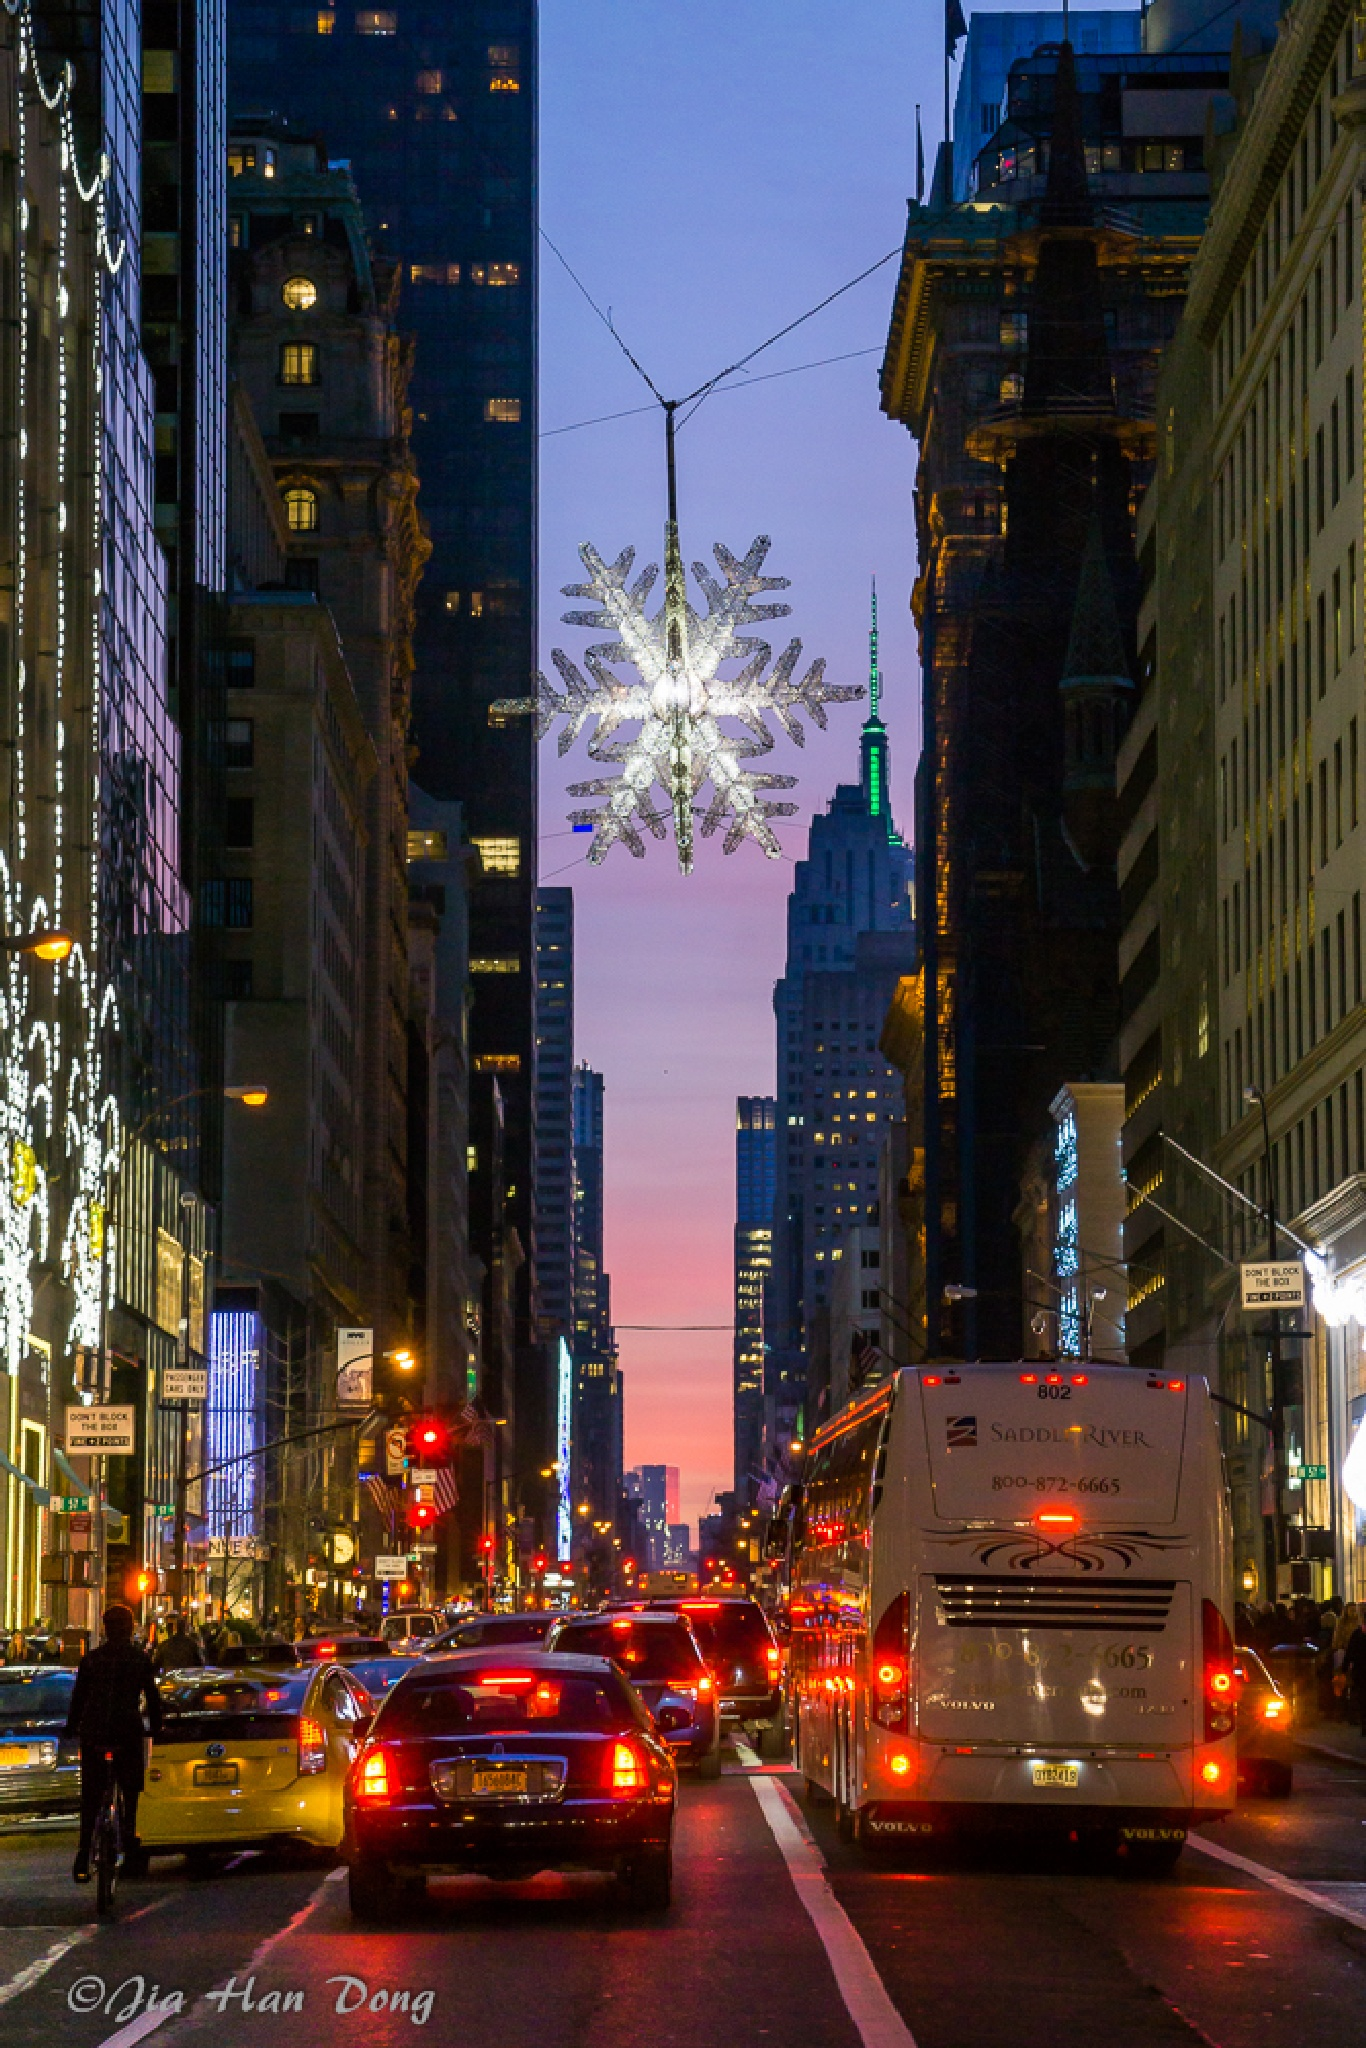 Xmas lights in NYC by Jiahan Dong